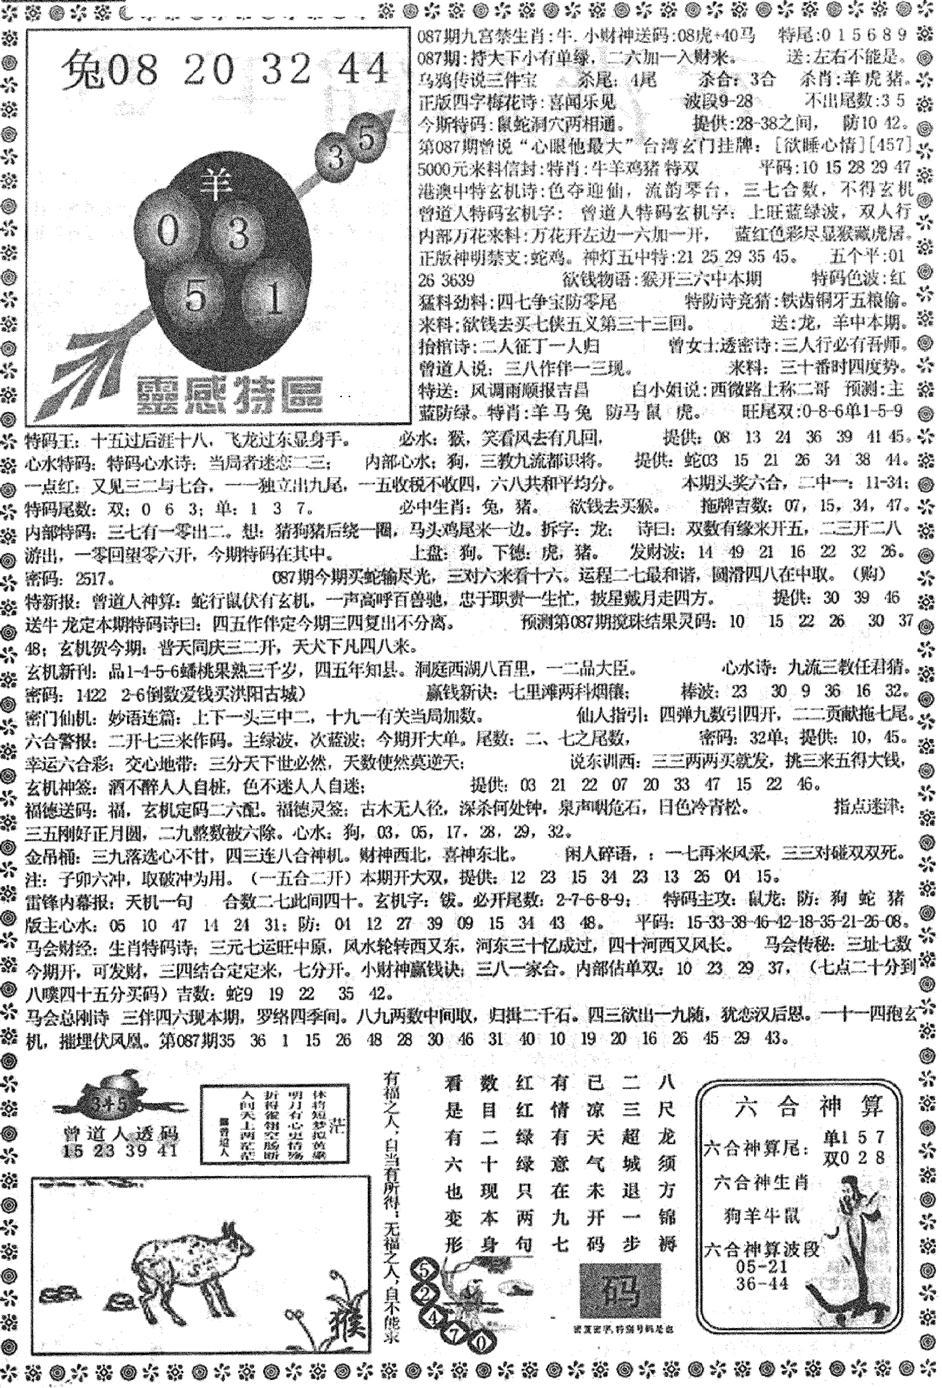 086期平西版彩霸王B(黑白)